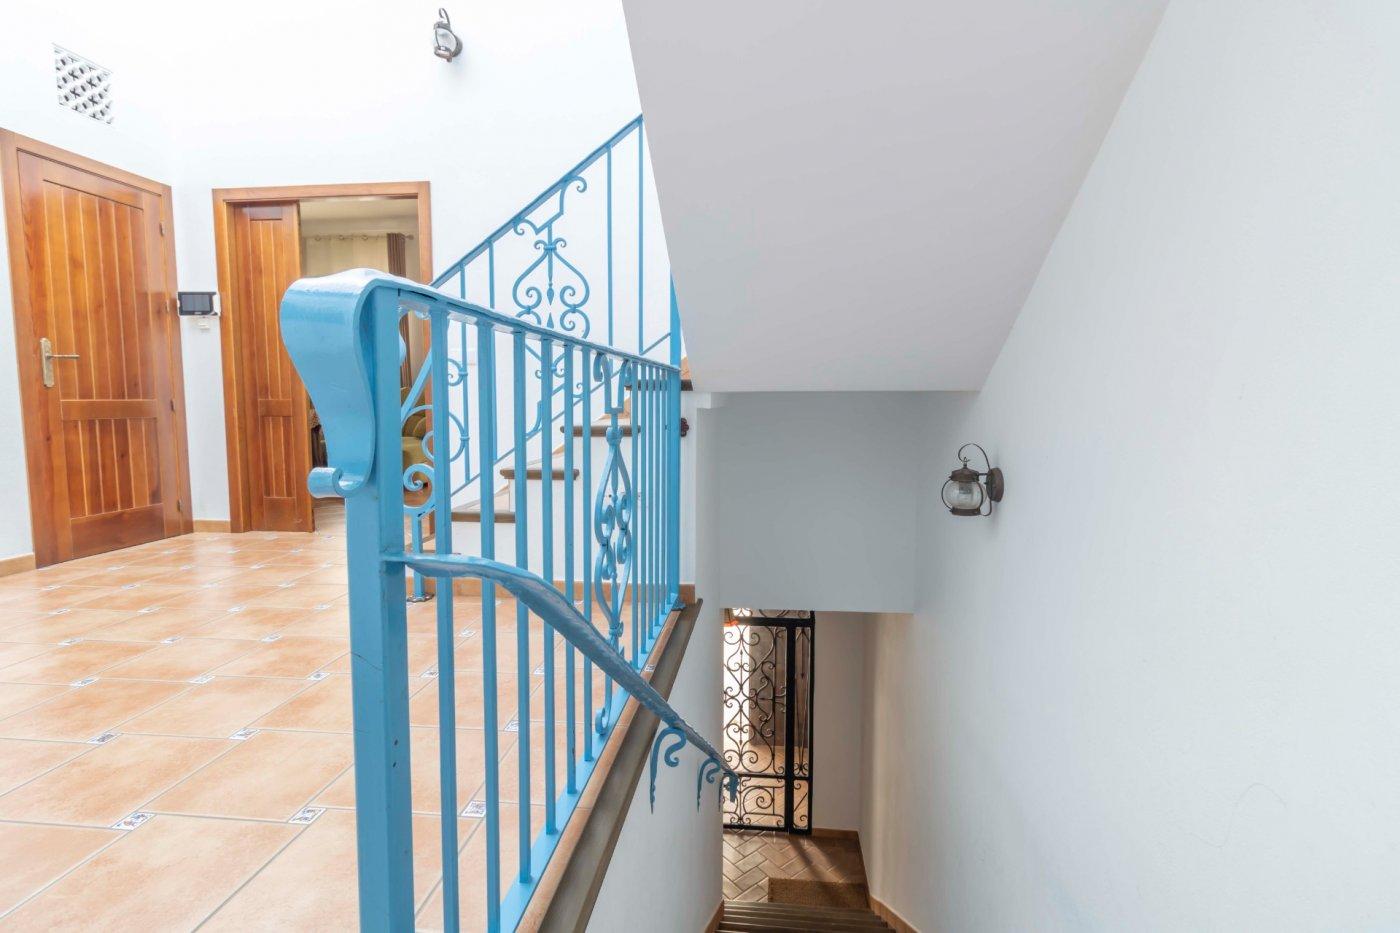 Casa de reciente construccion a la venta en carmona - imagenInmueble31